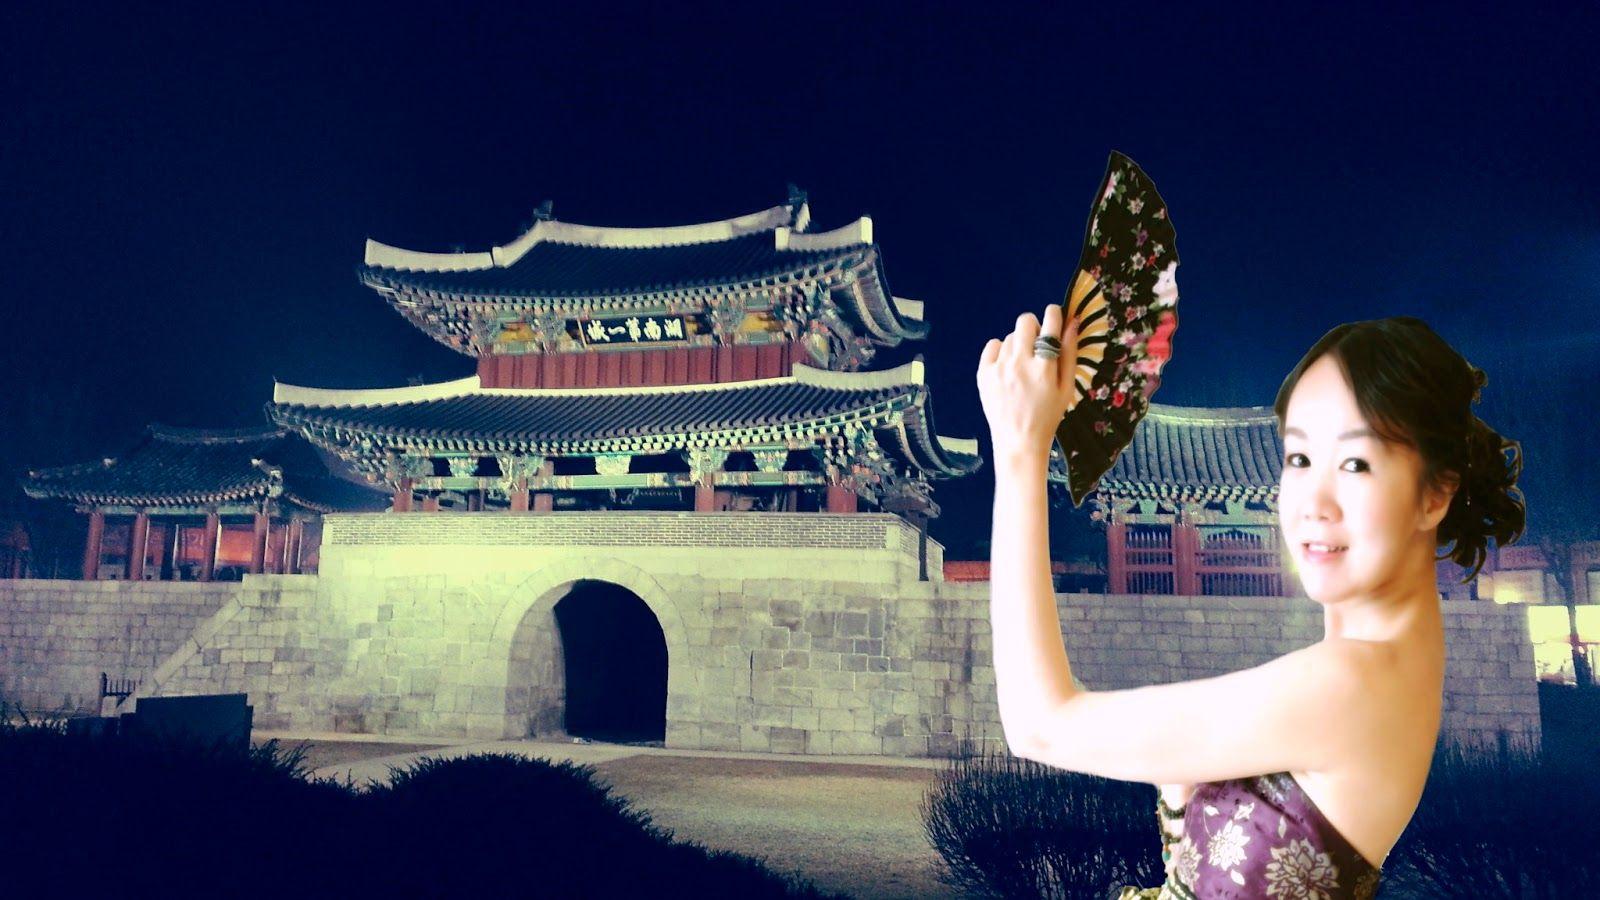 #Pungnammun #Jeonju #fusionhanbok #hanbok #Korea #전주 #풍남문  #퓨전한복